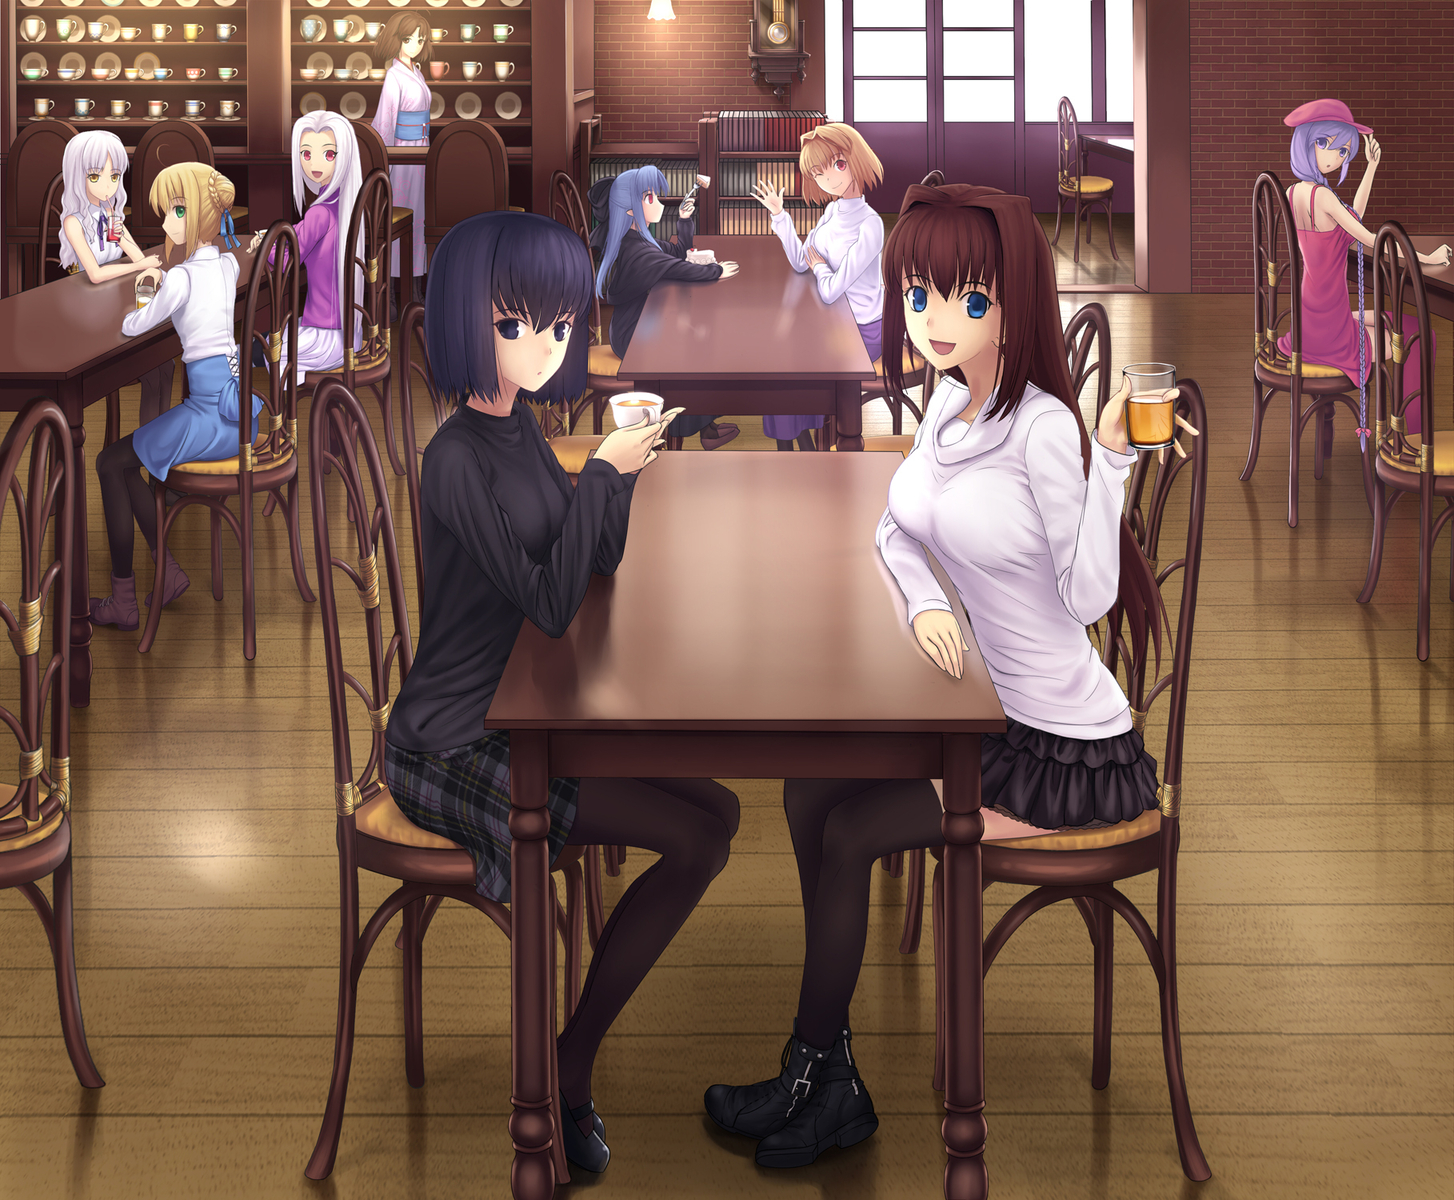 aozaki_aoko arcueid_brunestud artoria_pendragon_(all) cake caren_hortensia crossover drink fate/hollow_ataraxia fate_(series) fate/stay_night fate/zero food group irisviel_von_einzbern kara_no_kyoukai kuonji_alice len mahou_tsukai_no_yoru melty_blood ryougi_shiki saber shingetsutan_tsukihime sion_eltnam_atlasia tsukikanade